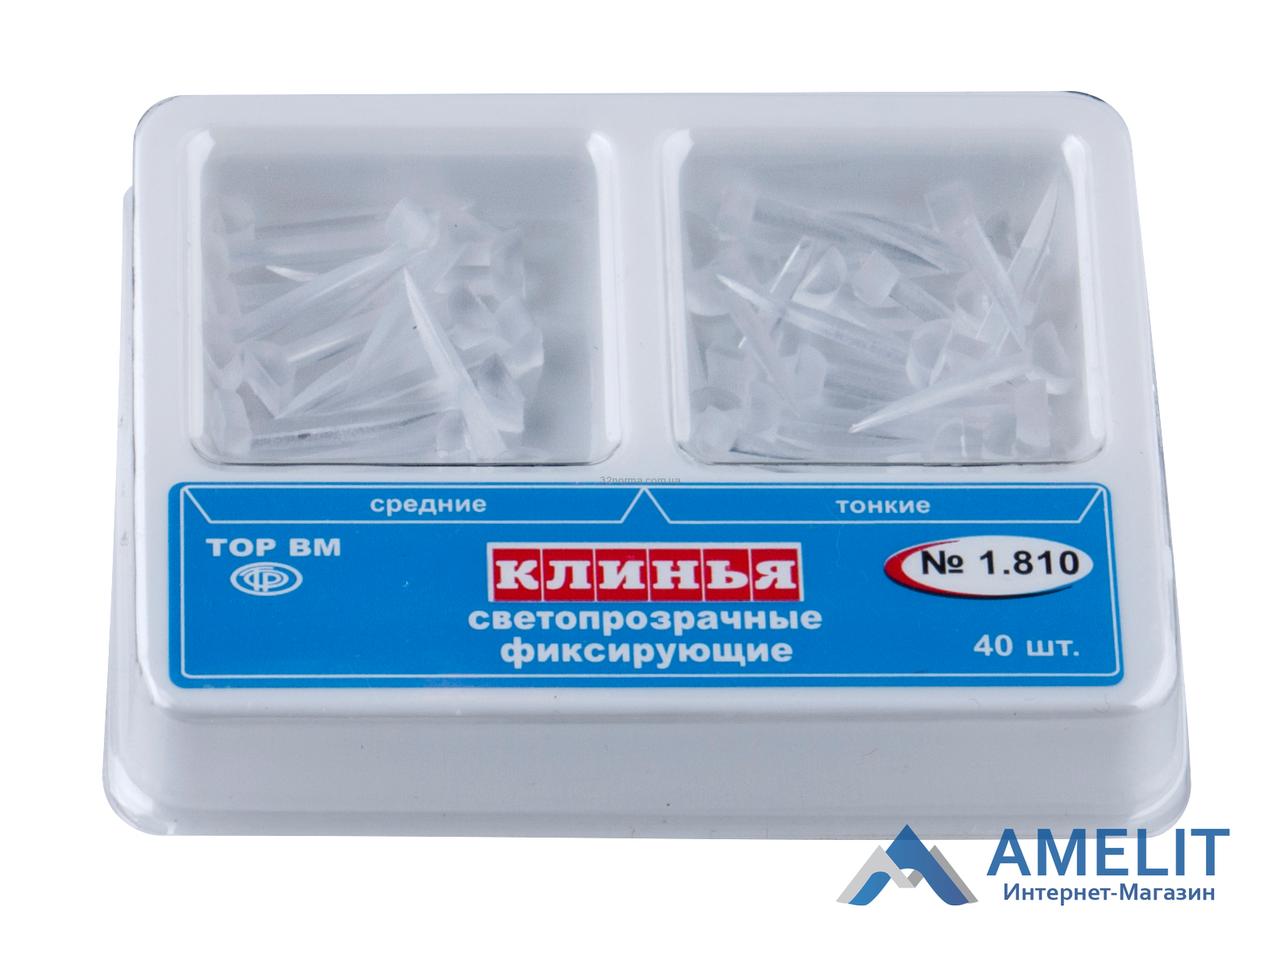 Клинья 1.810 пластиковые, светопрозрачные (ТОР ВМ), набор 40шт./упак.